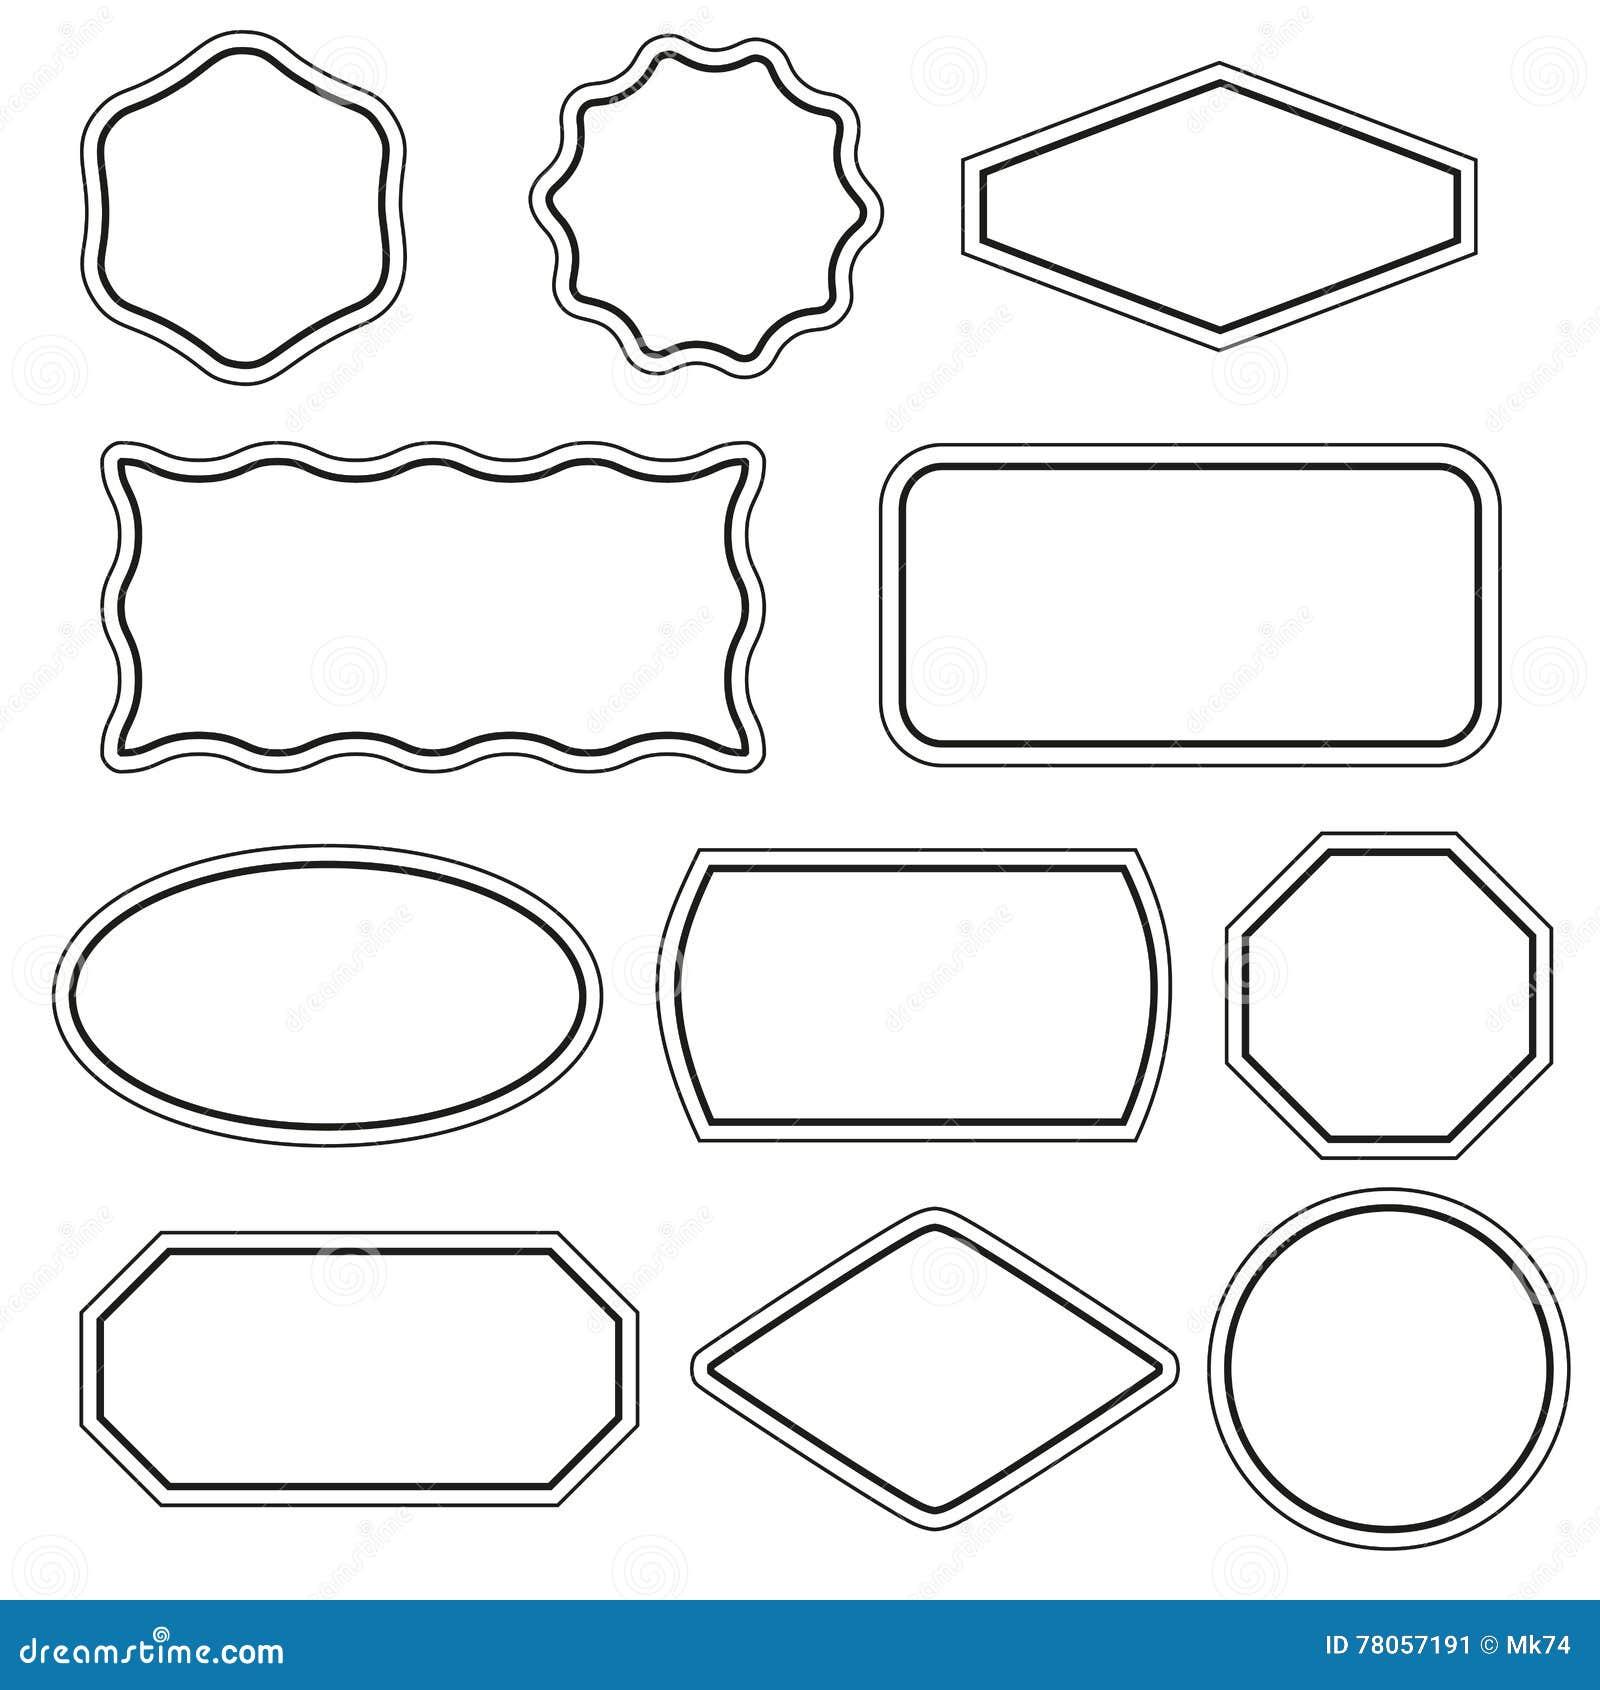 Einfache Rahmen Eingestellt Vektor Abbildung - Illustration von ...